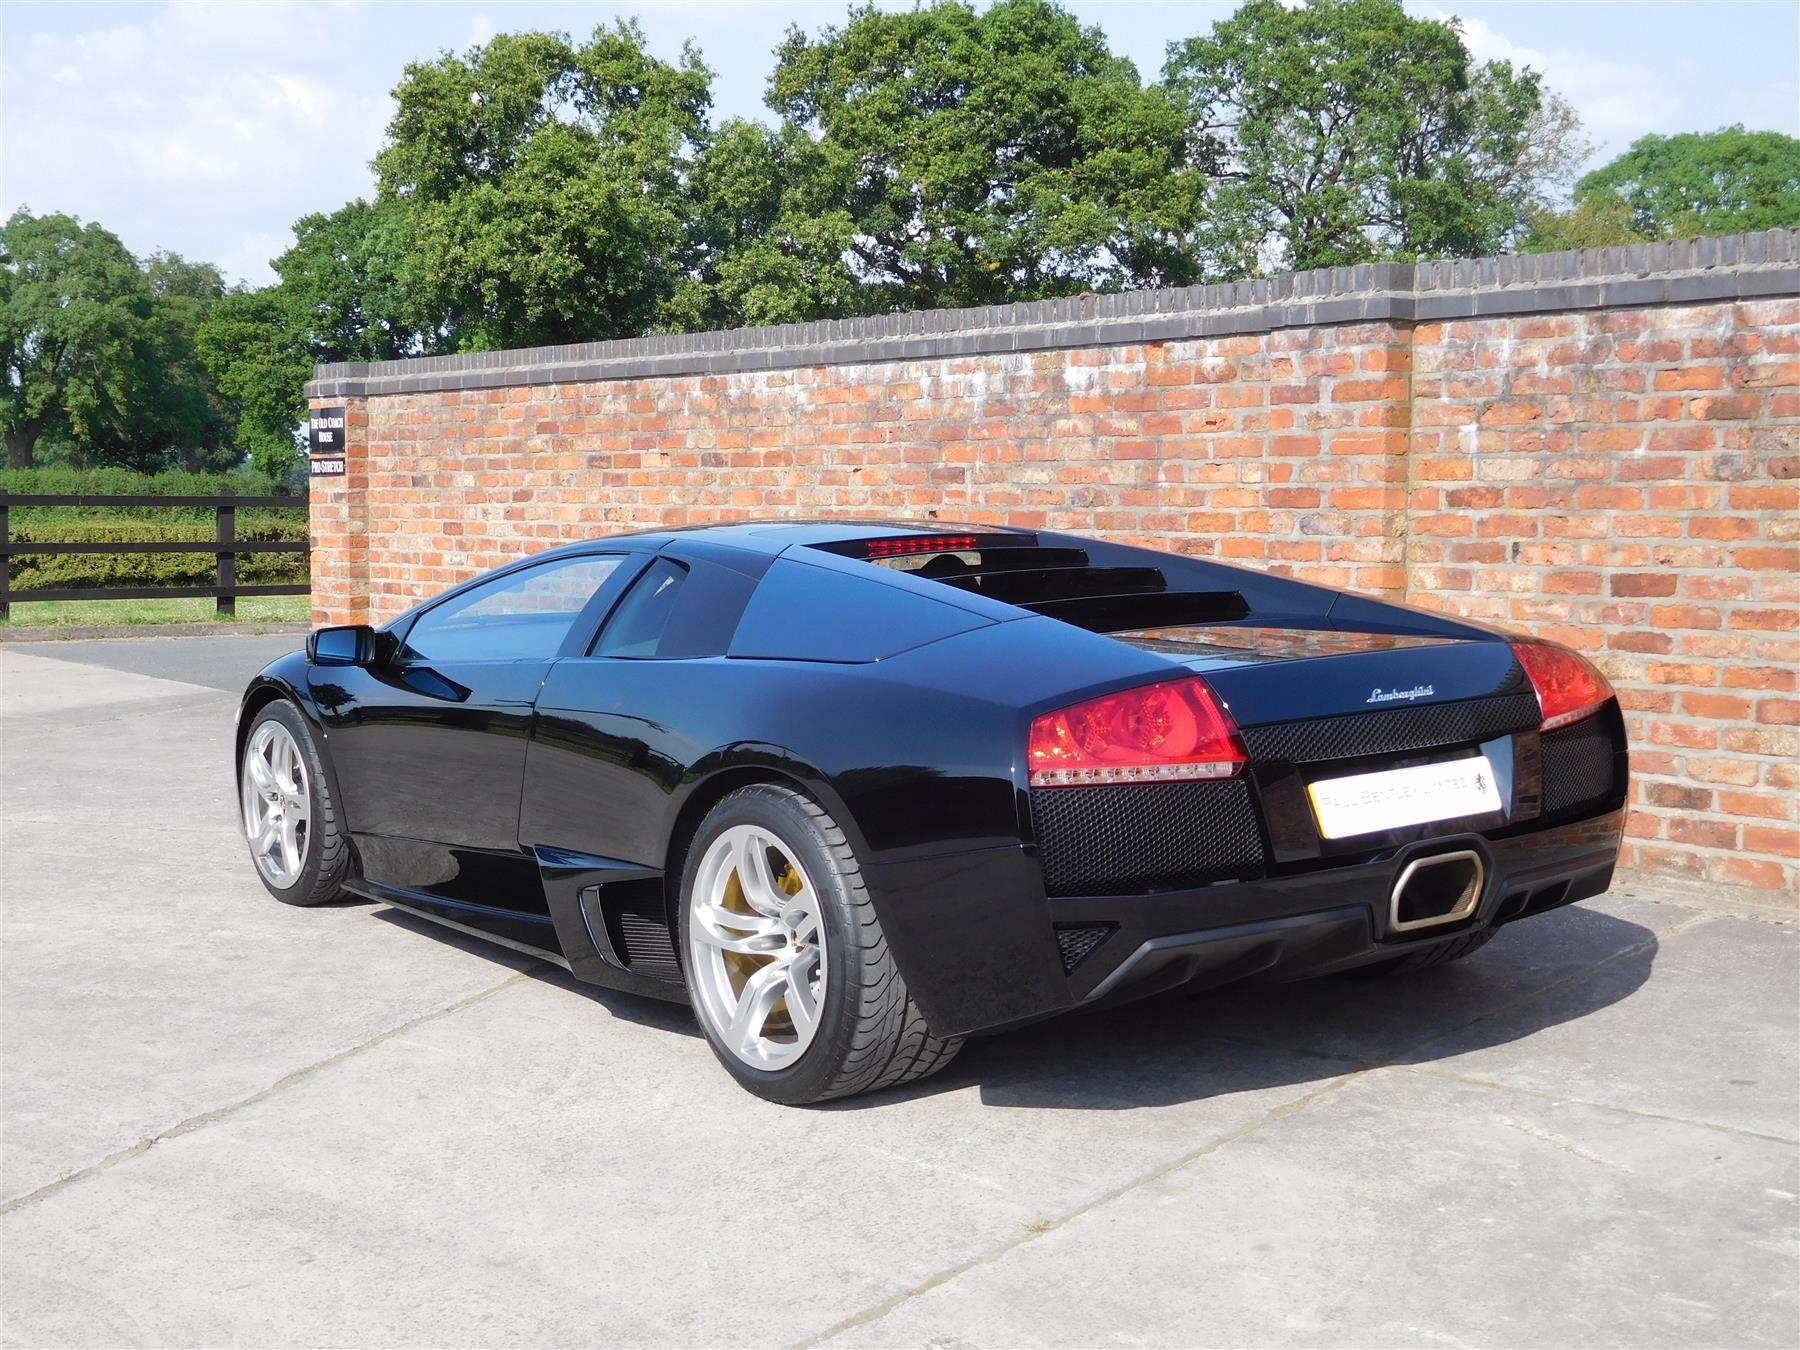 Lamborghini Murcielago с пробегом всего 300 километров